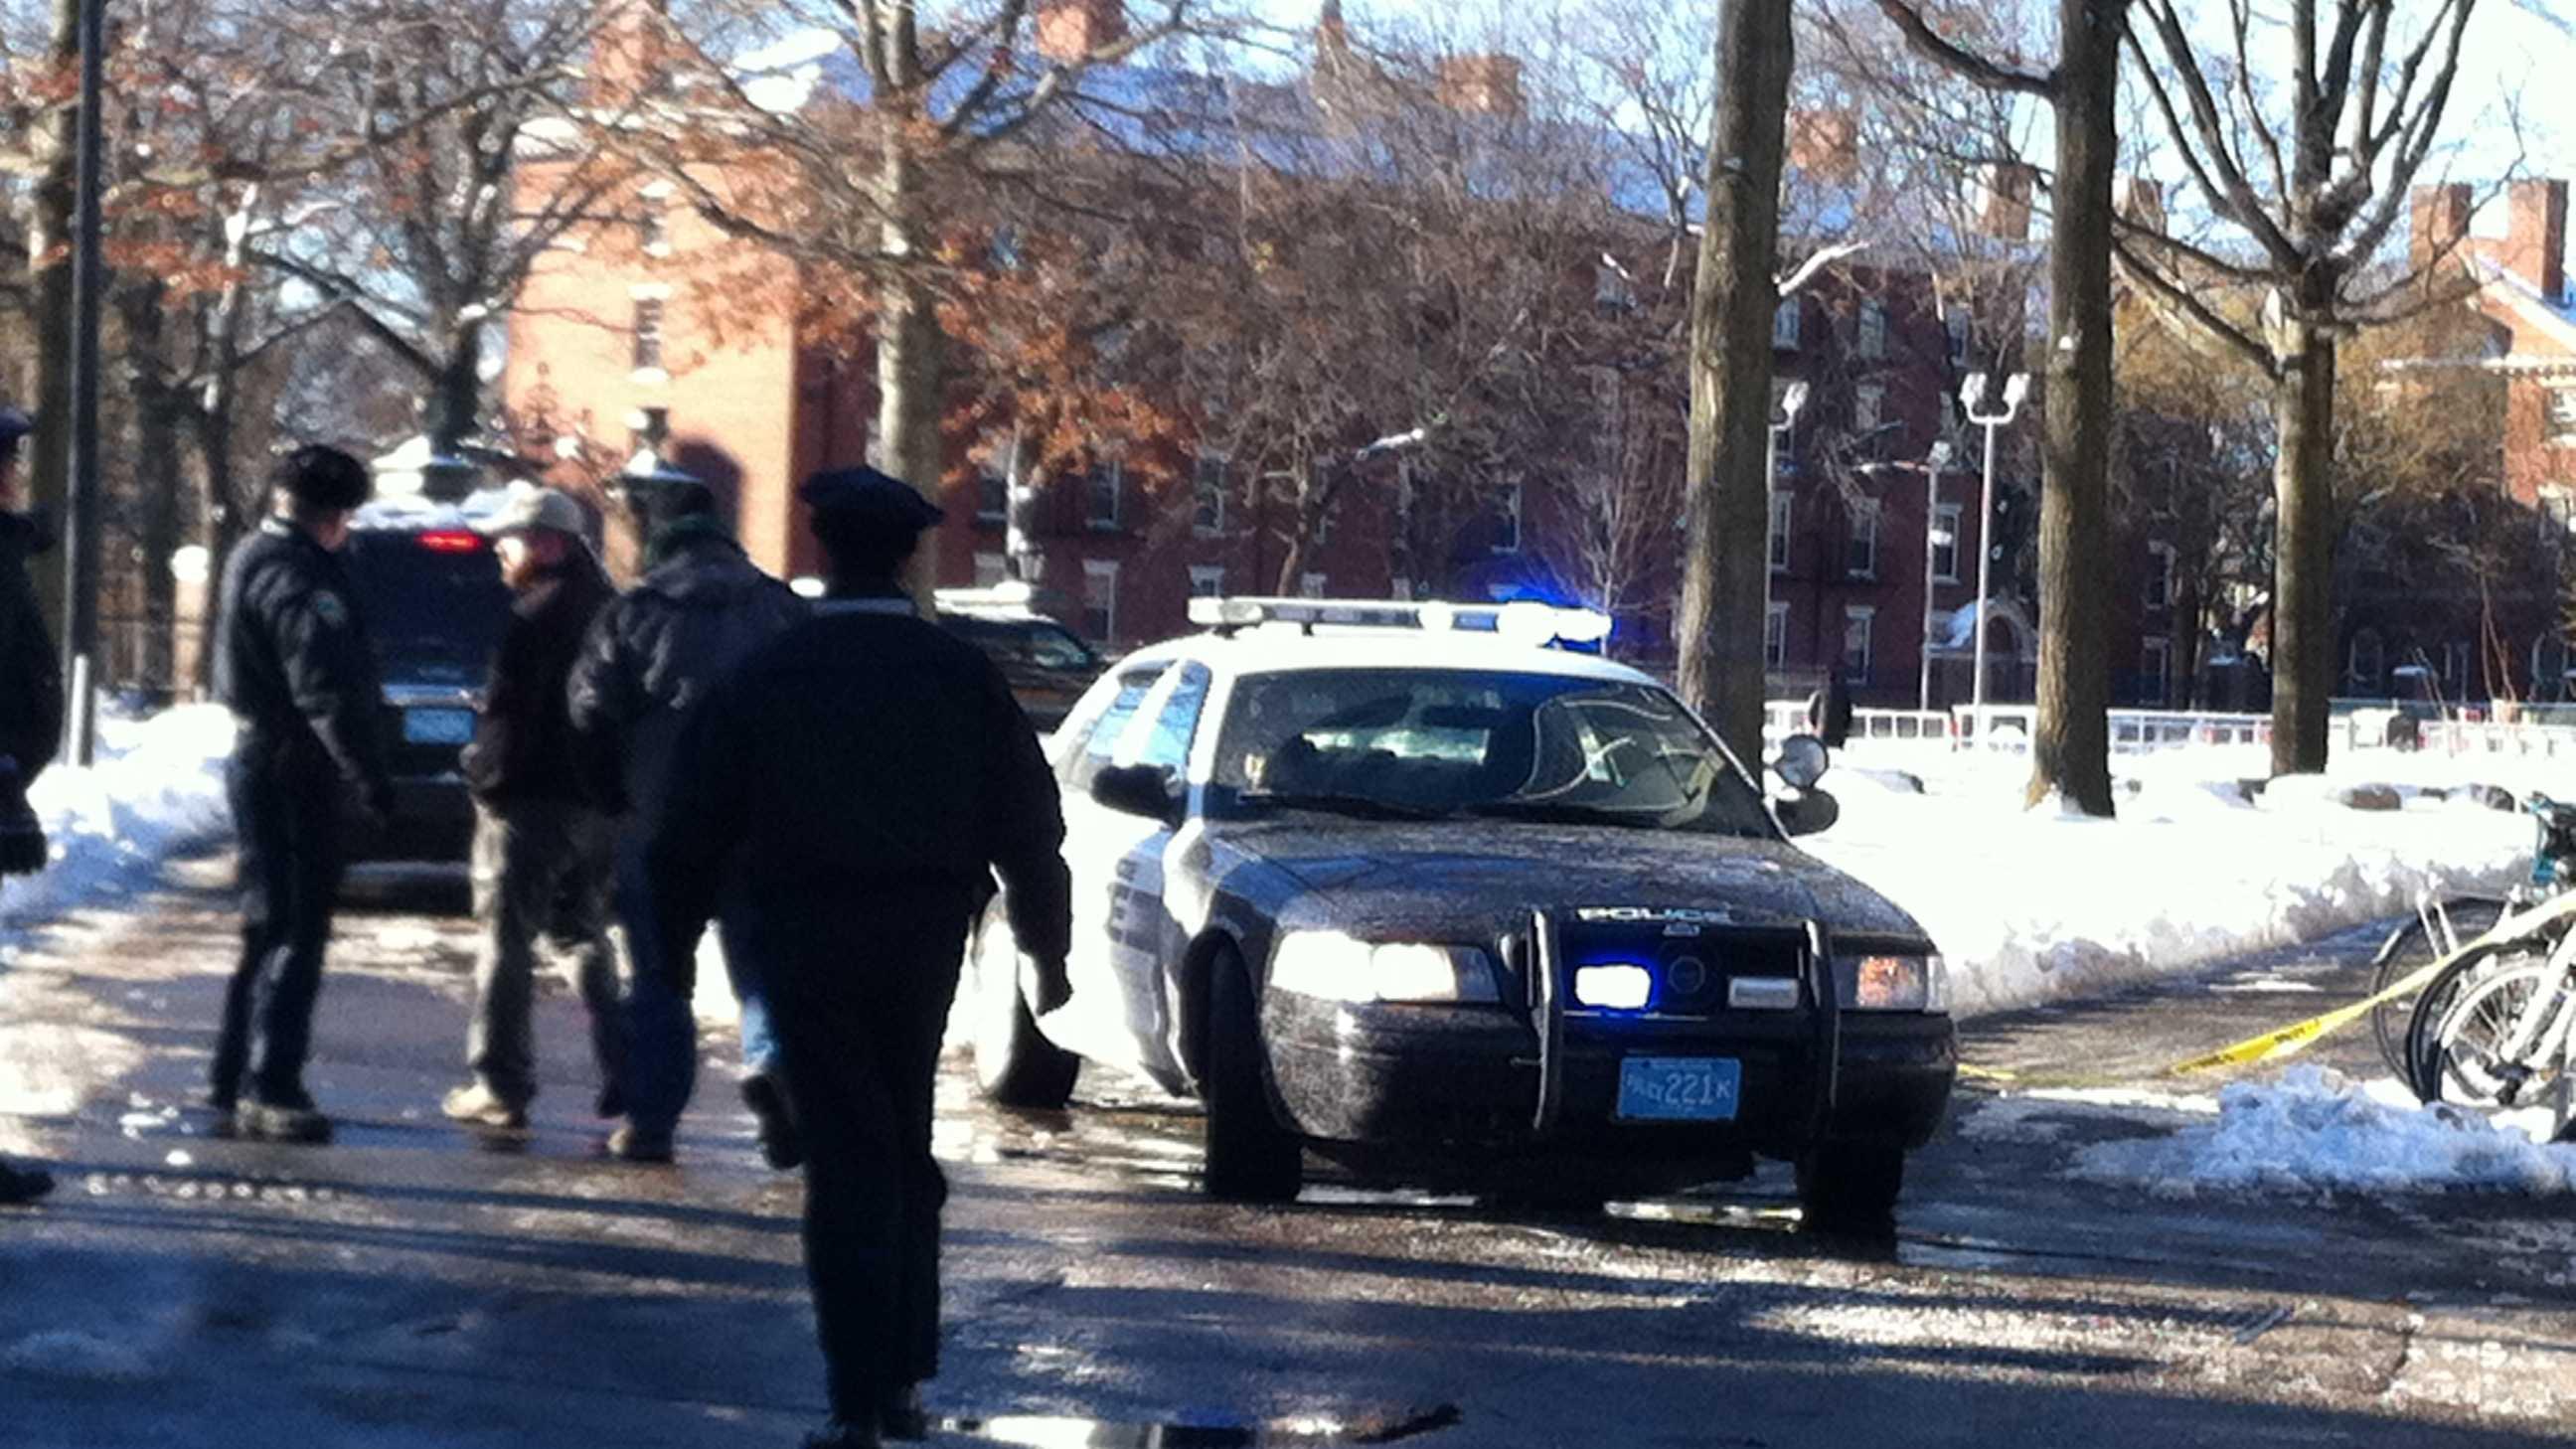 Harvard Explosives 5 121613.jpg